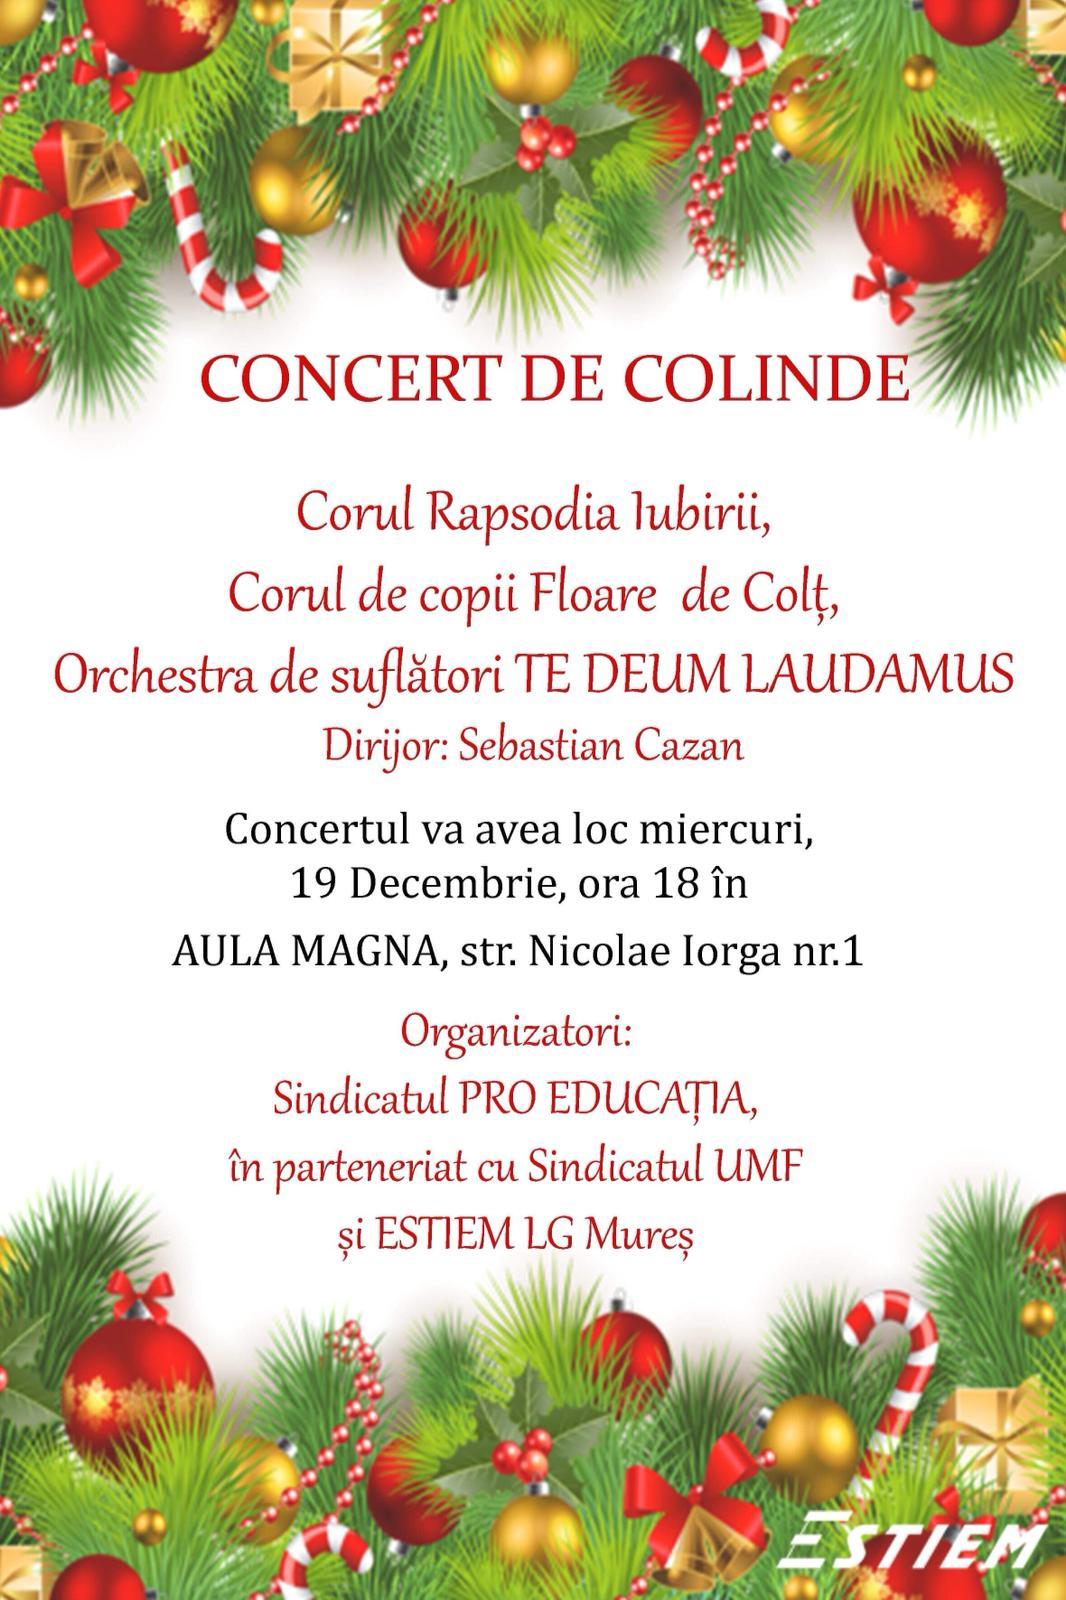 Concert de colinde în Aula Magna